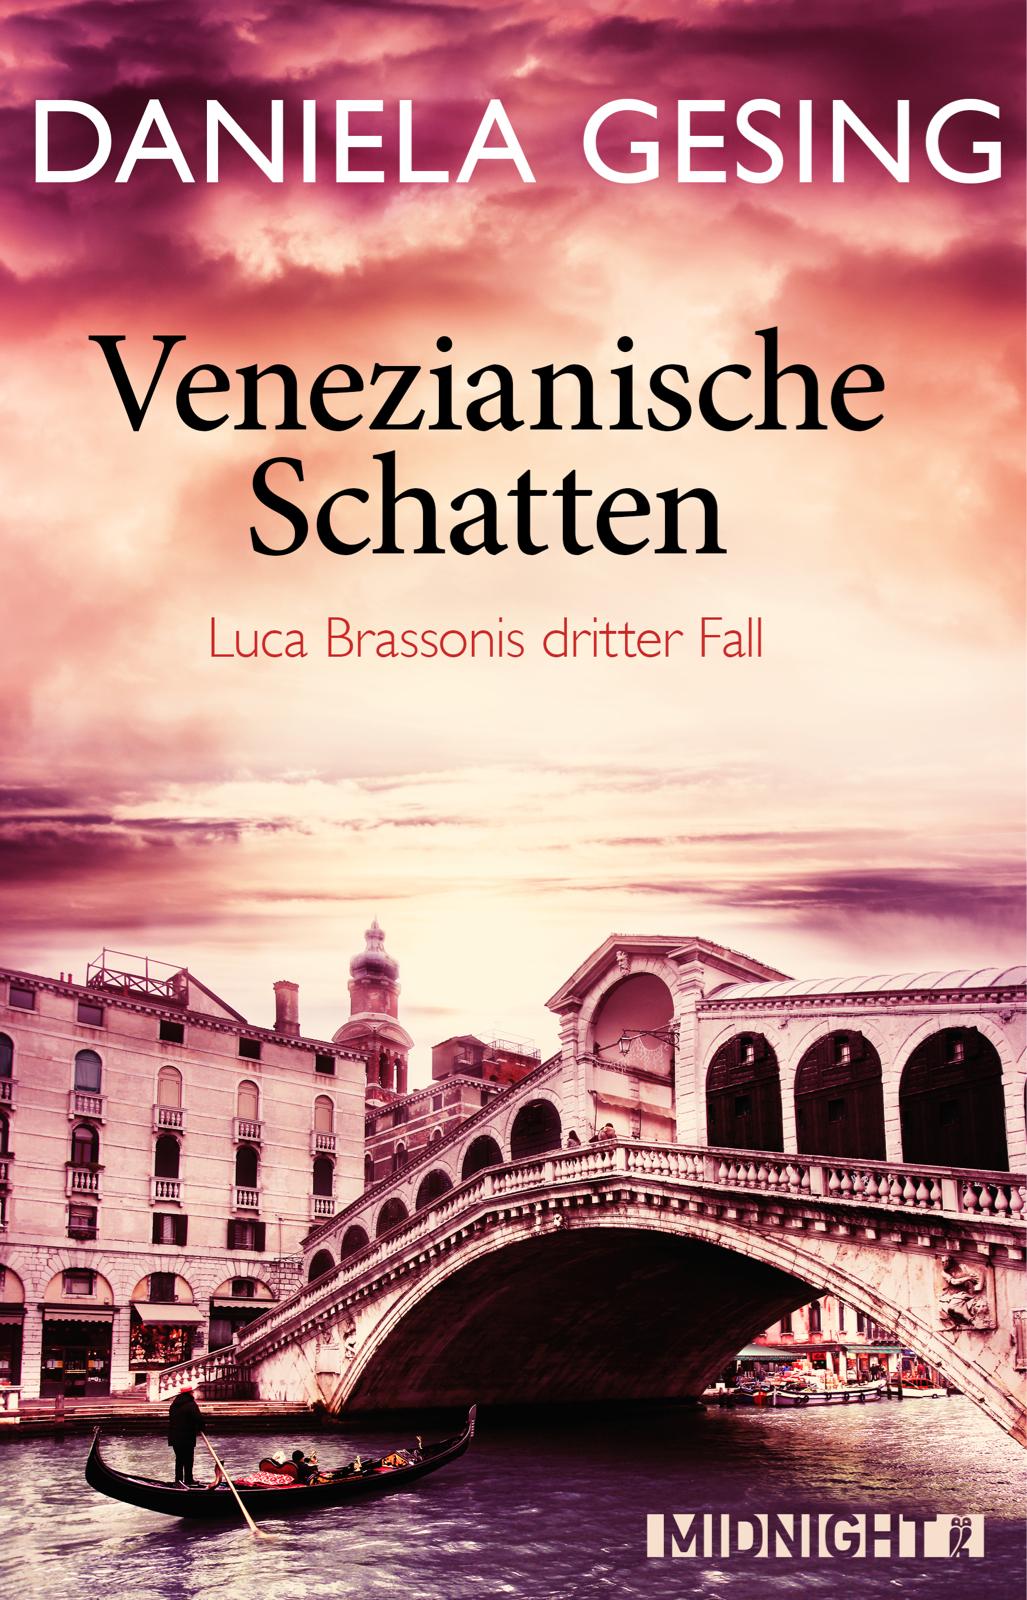 Venezianische Schatten (Daniela Gesing)